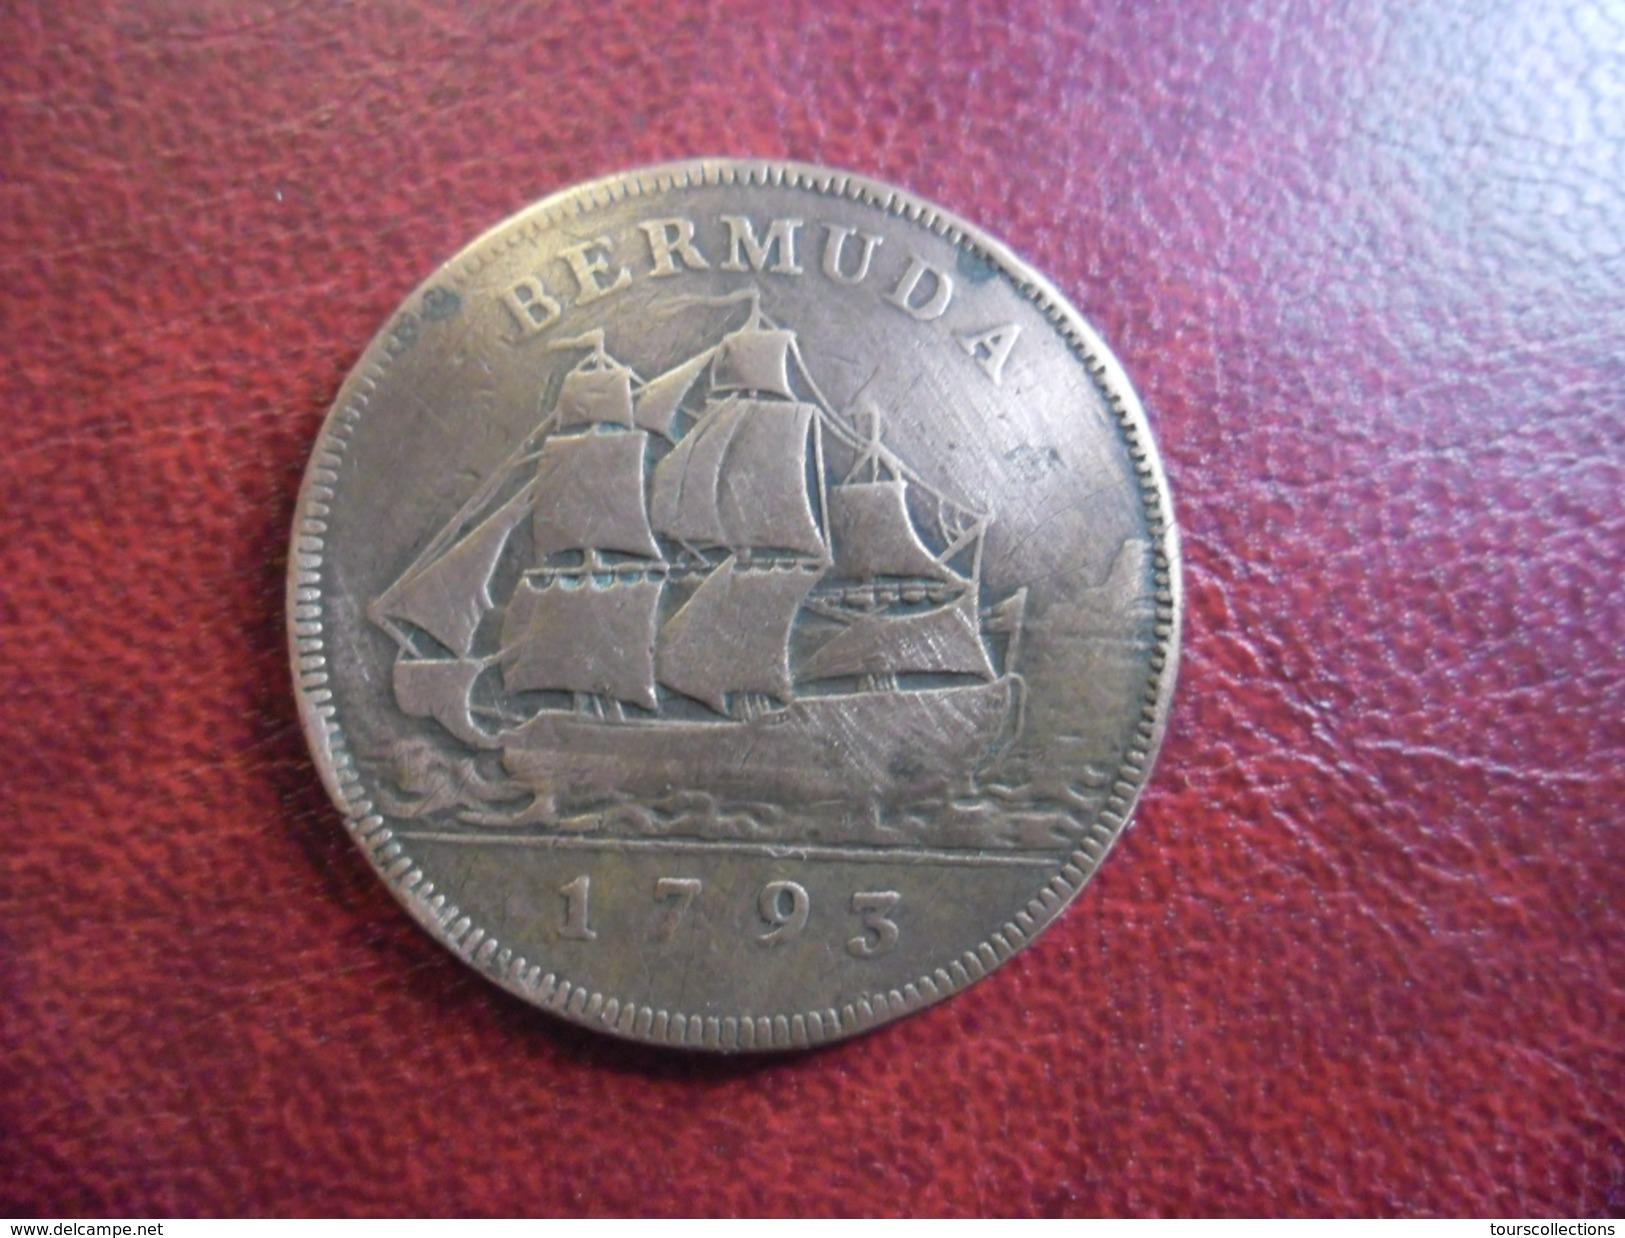 BERMUDA PENNY 1793. GEORGE III. KM# 5. VERY RARE Colonie Anglaise Bermudes - Bateau à Voiles - Bermudes